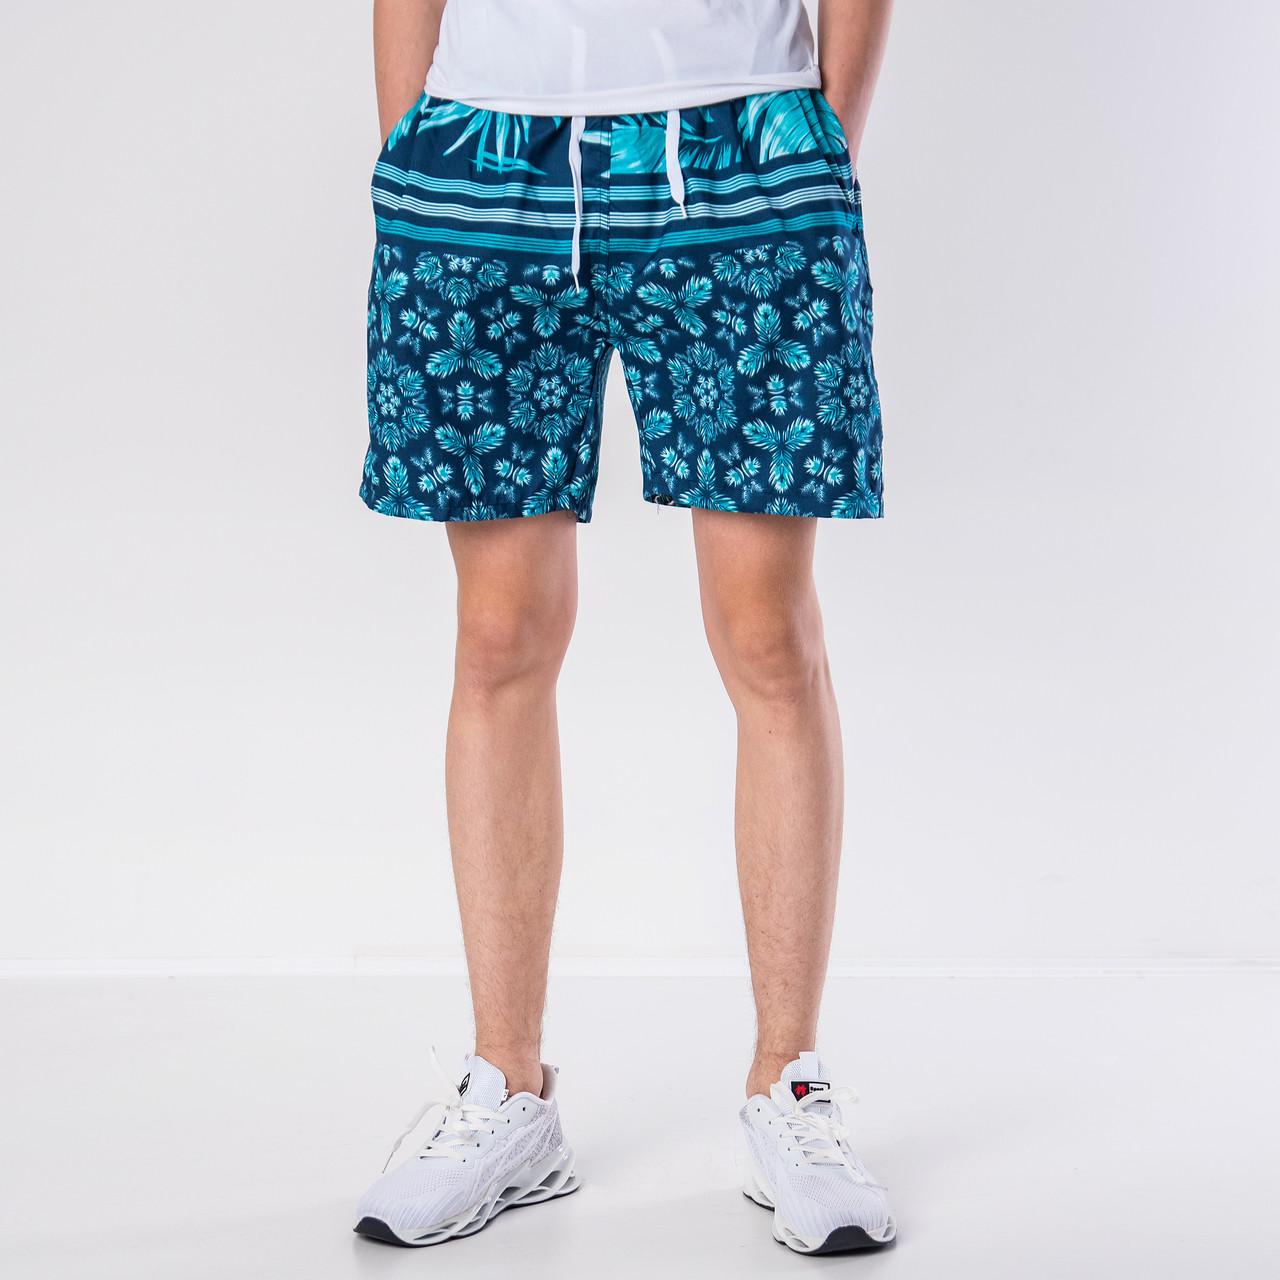 Мужские шорты (плащевка), бирюзового цвета